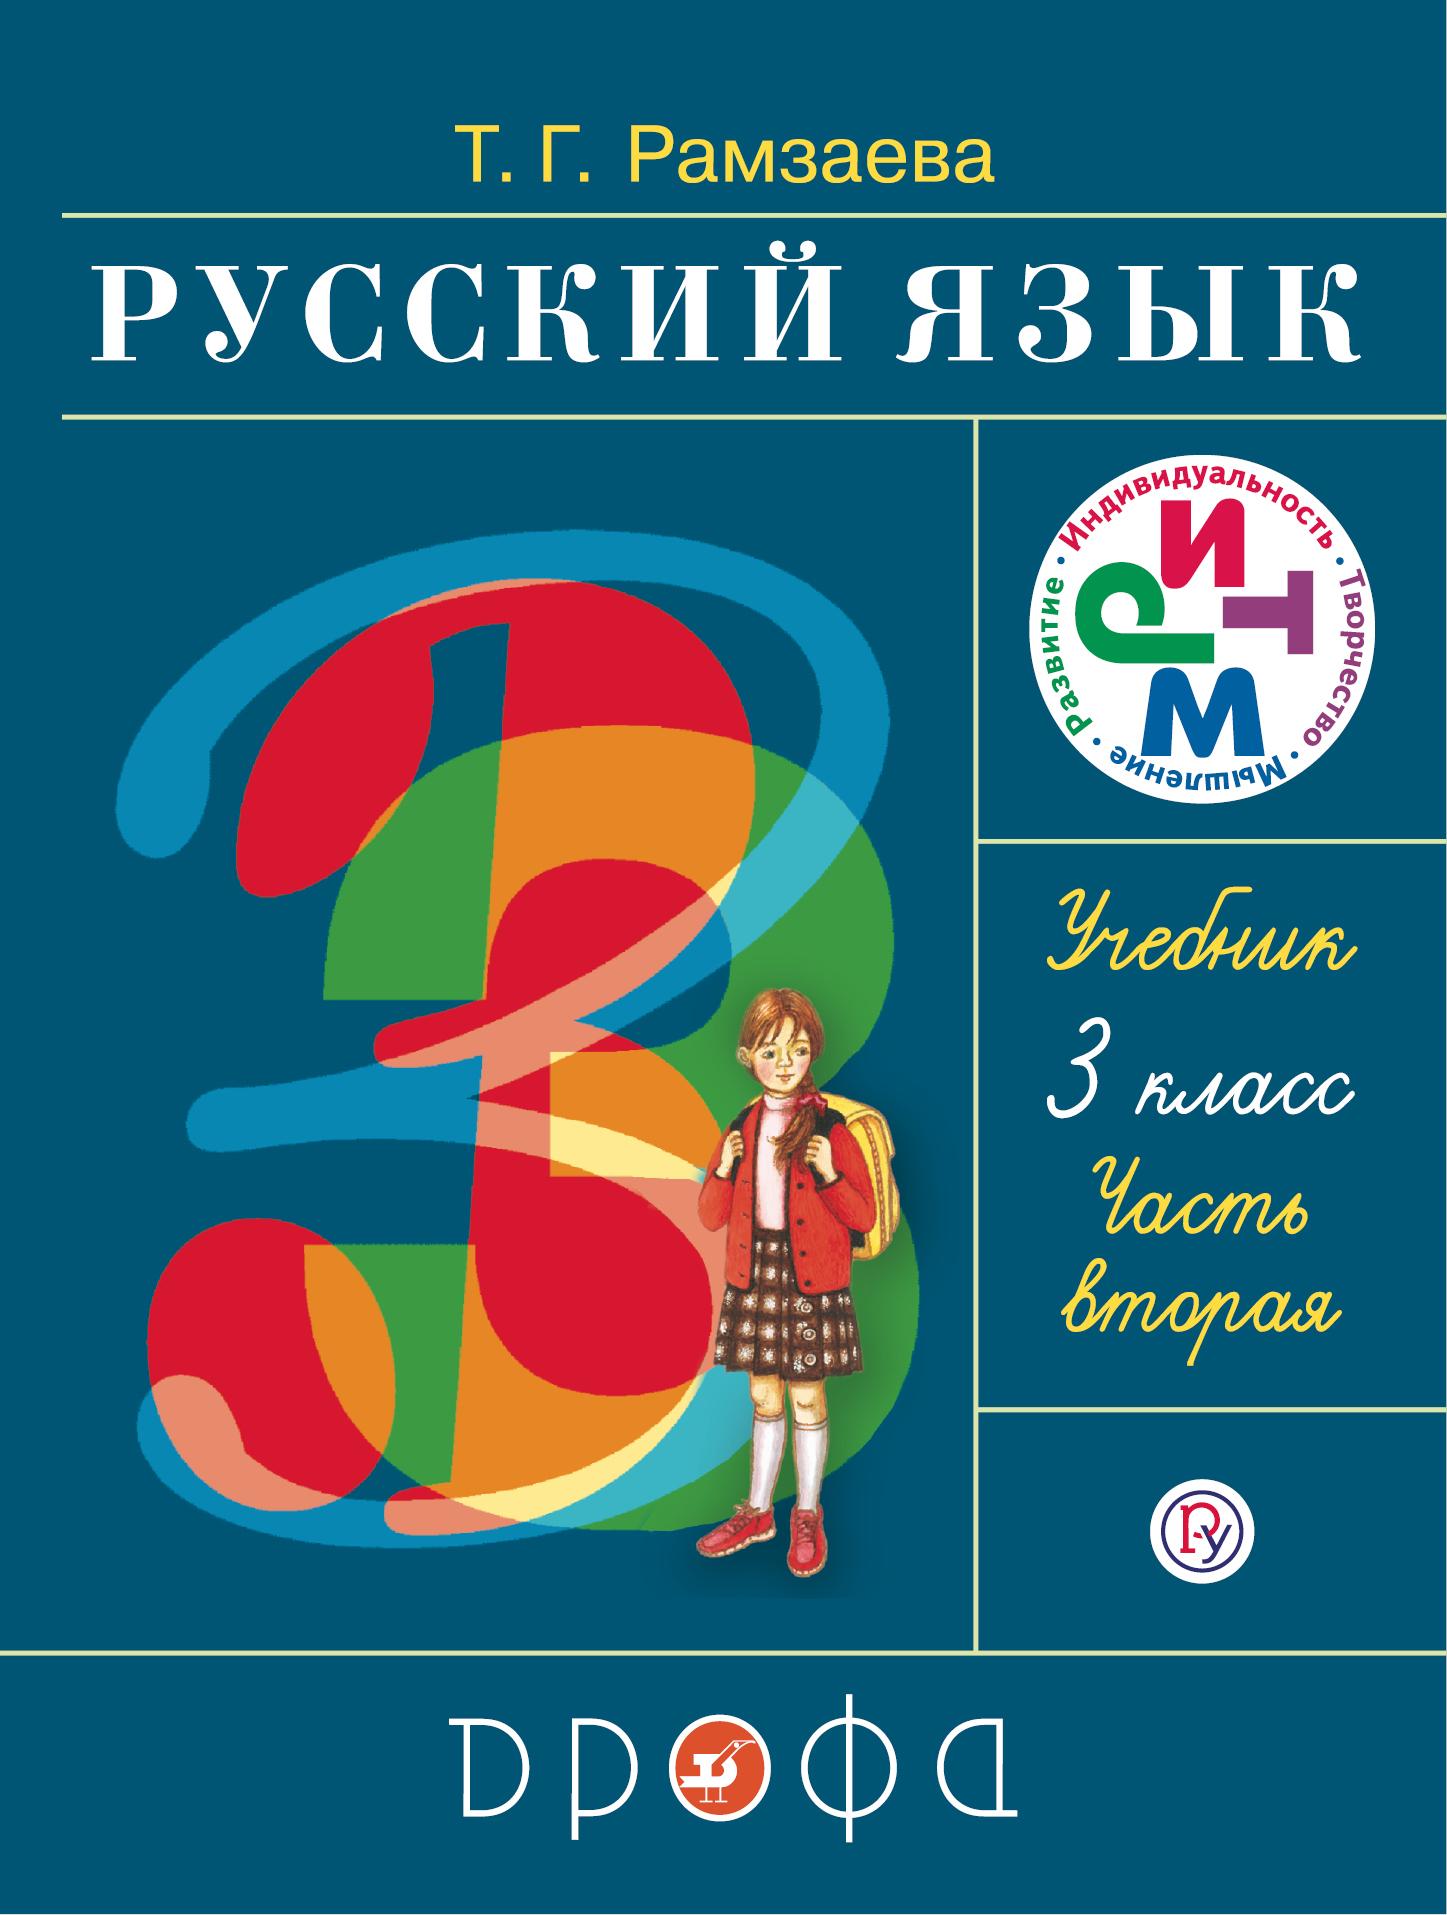 Рамзаева Т.Г. Русский язык. 3 класс. Учебник. Часть 2